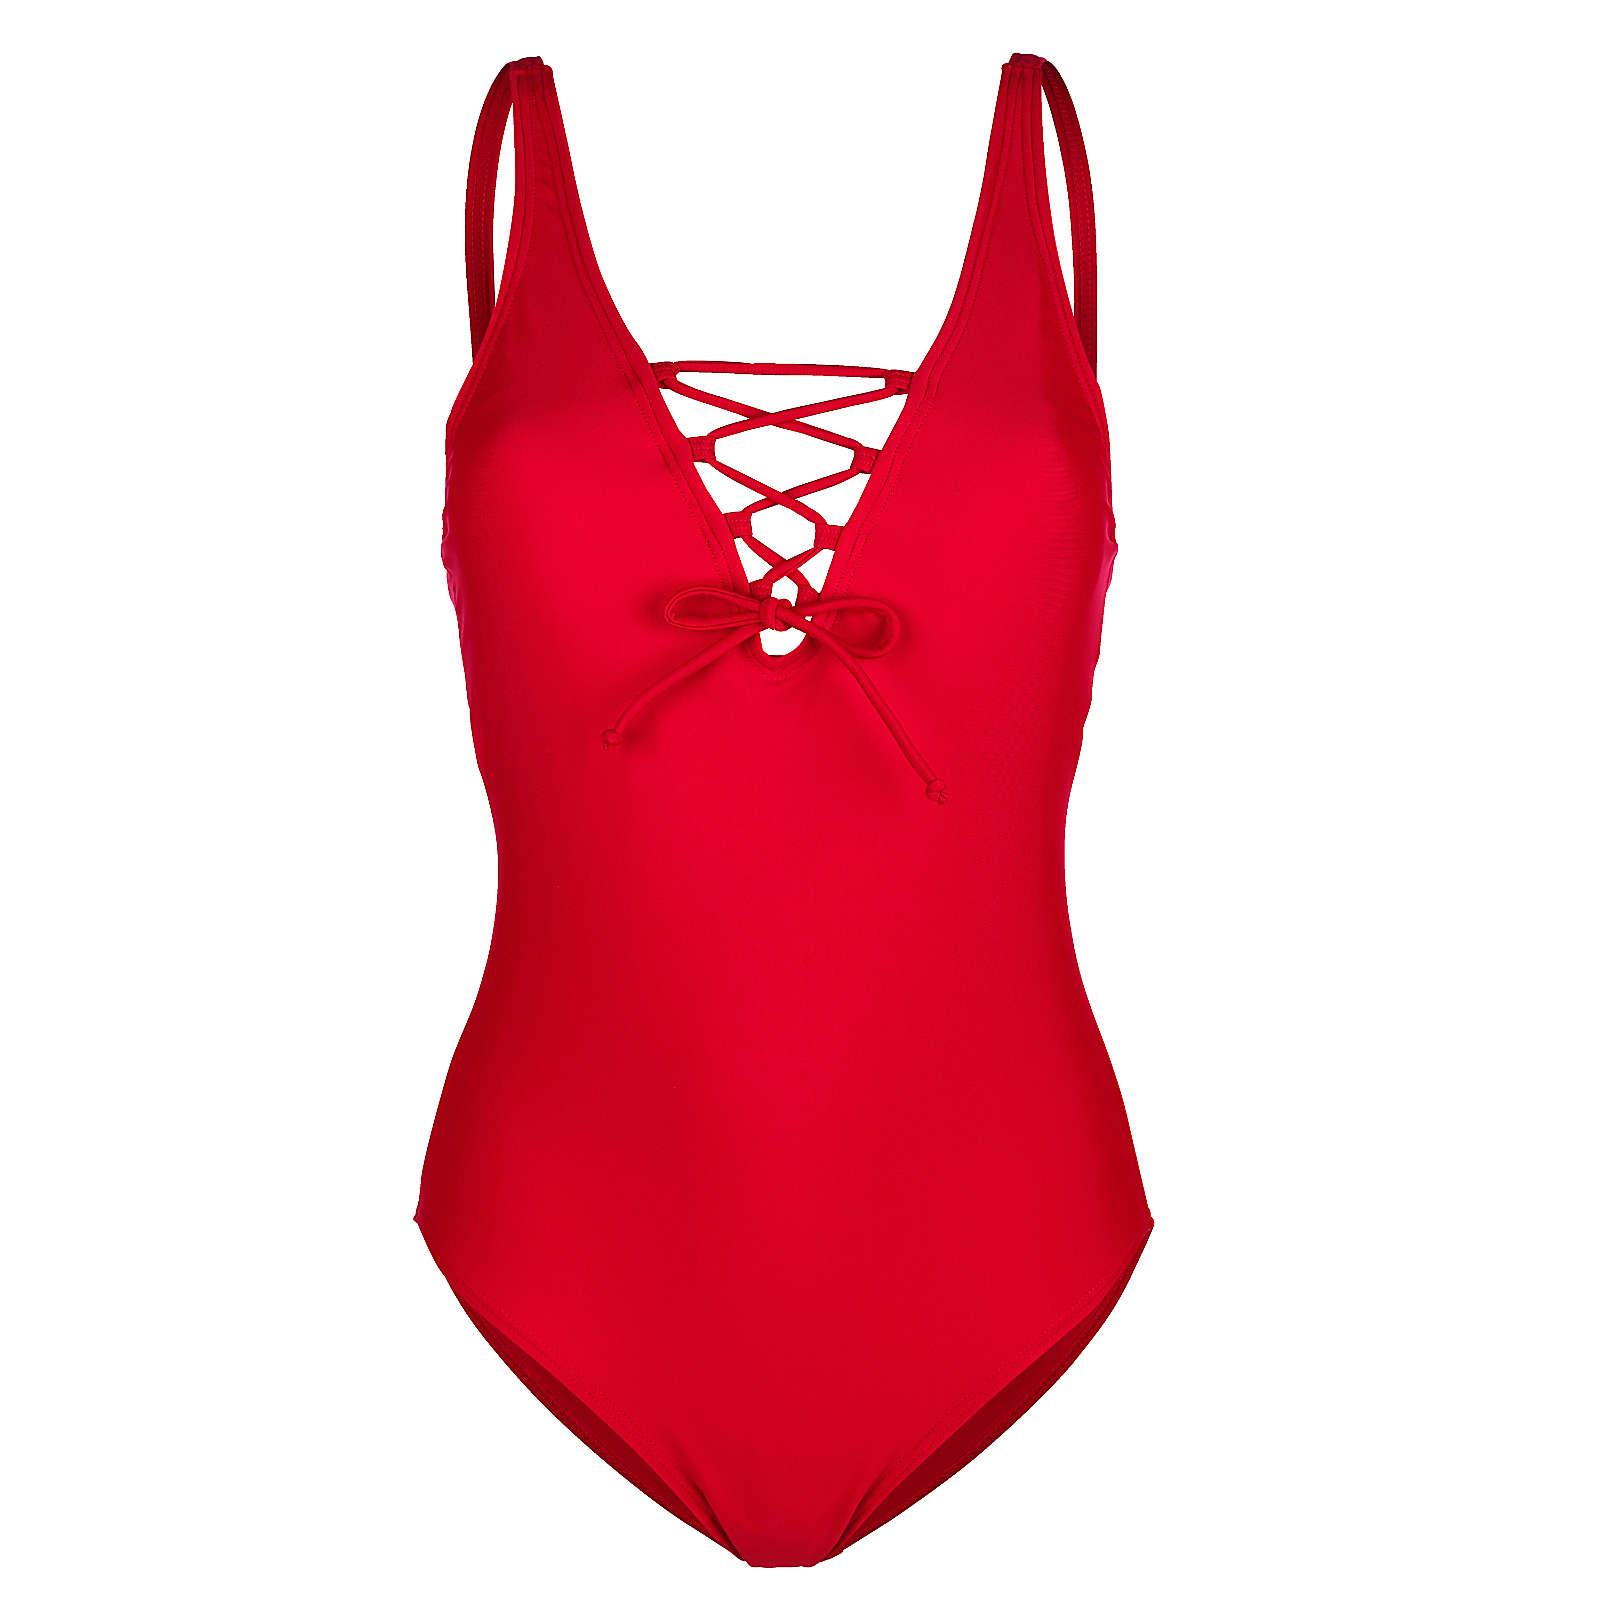 Maritim Badeanzug rot Damen Gr. 48